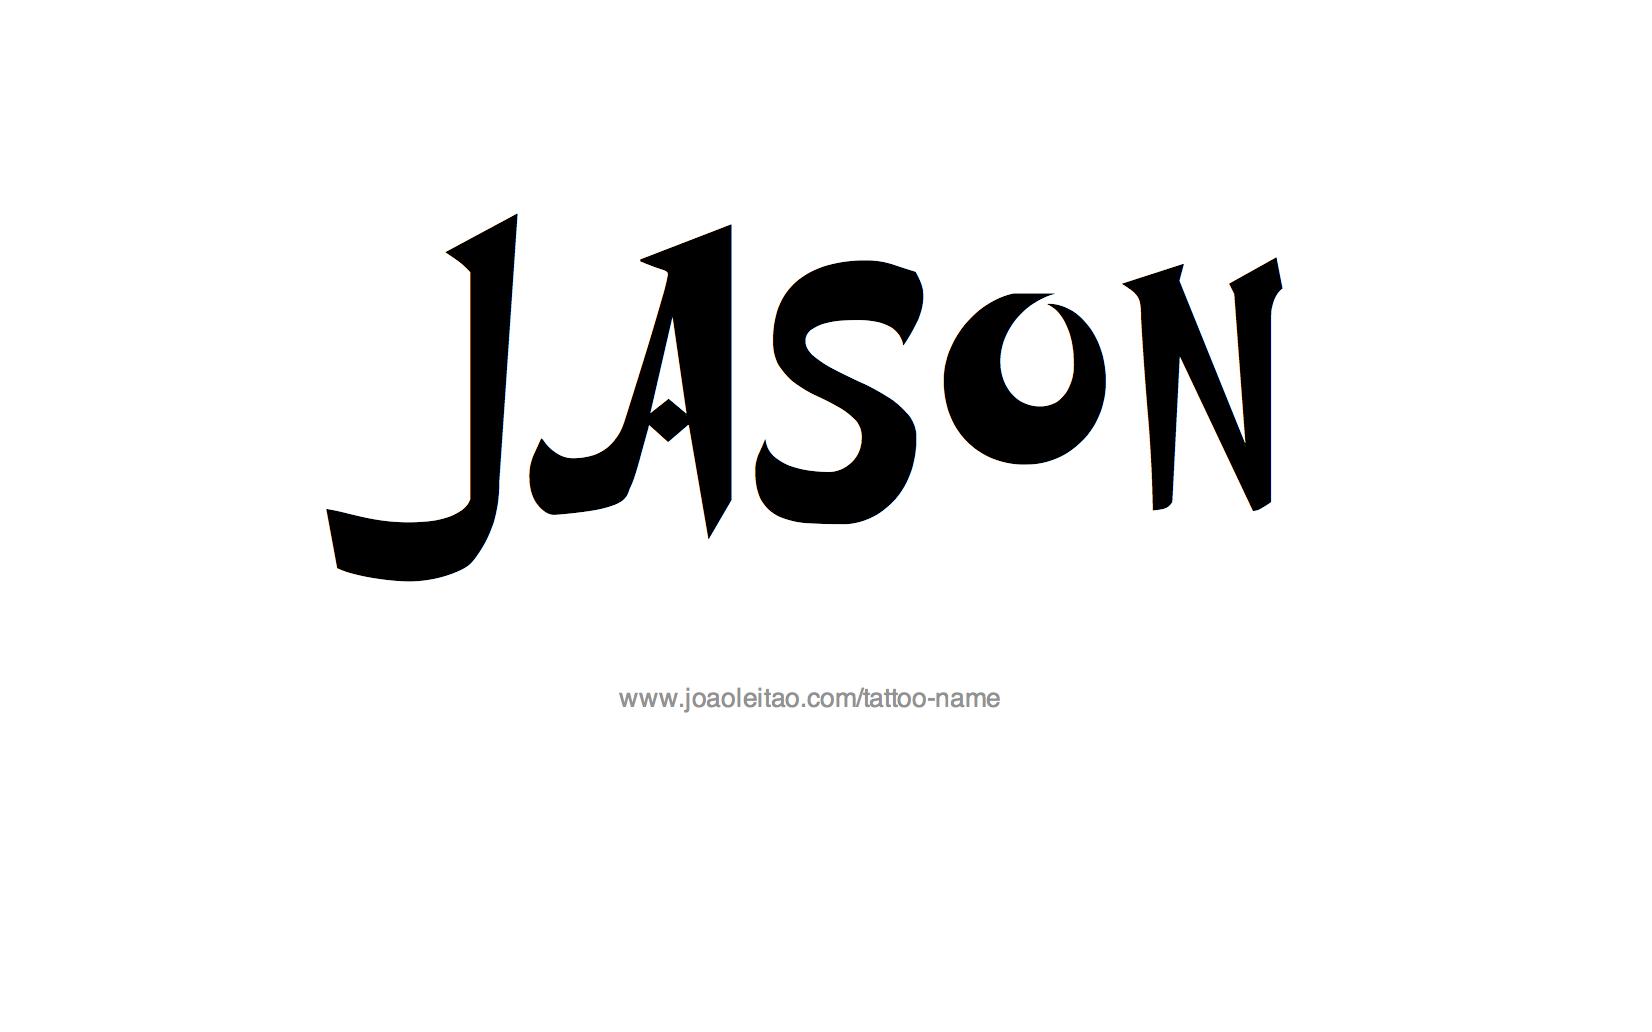 Jason Name Tattoo Designs Name Tattoo Tattoo Designs Name Tattoo Designs